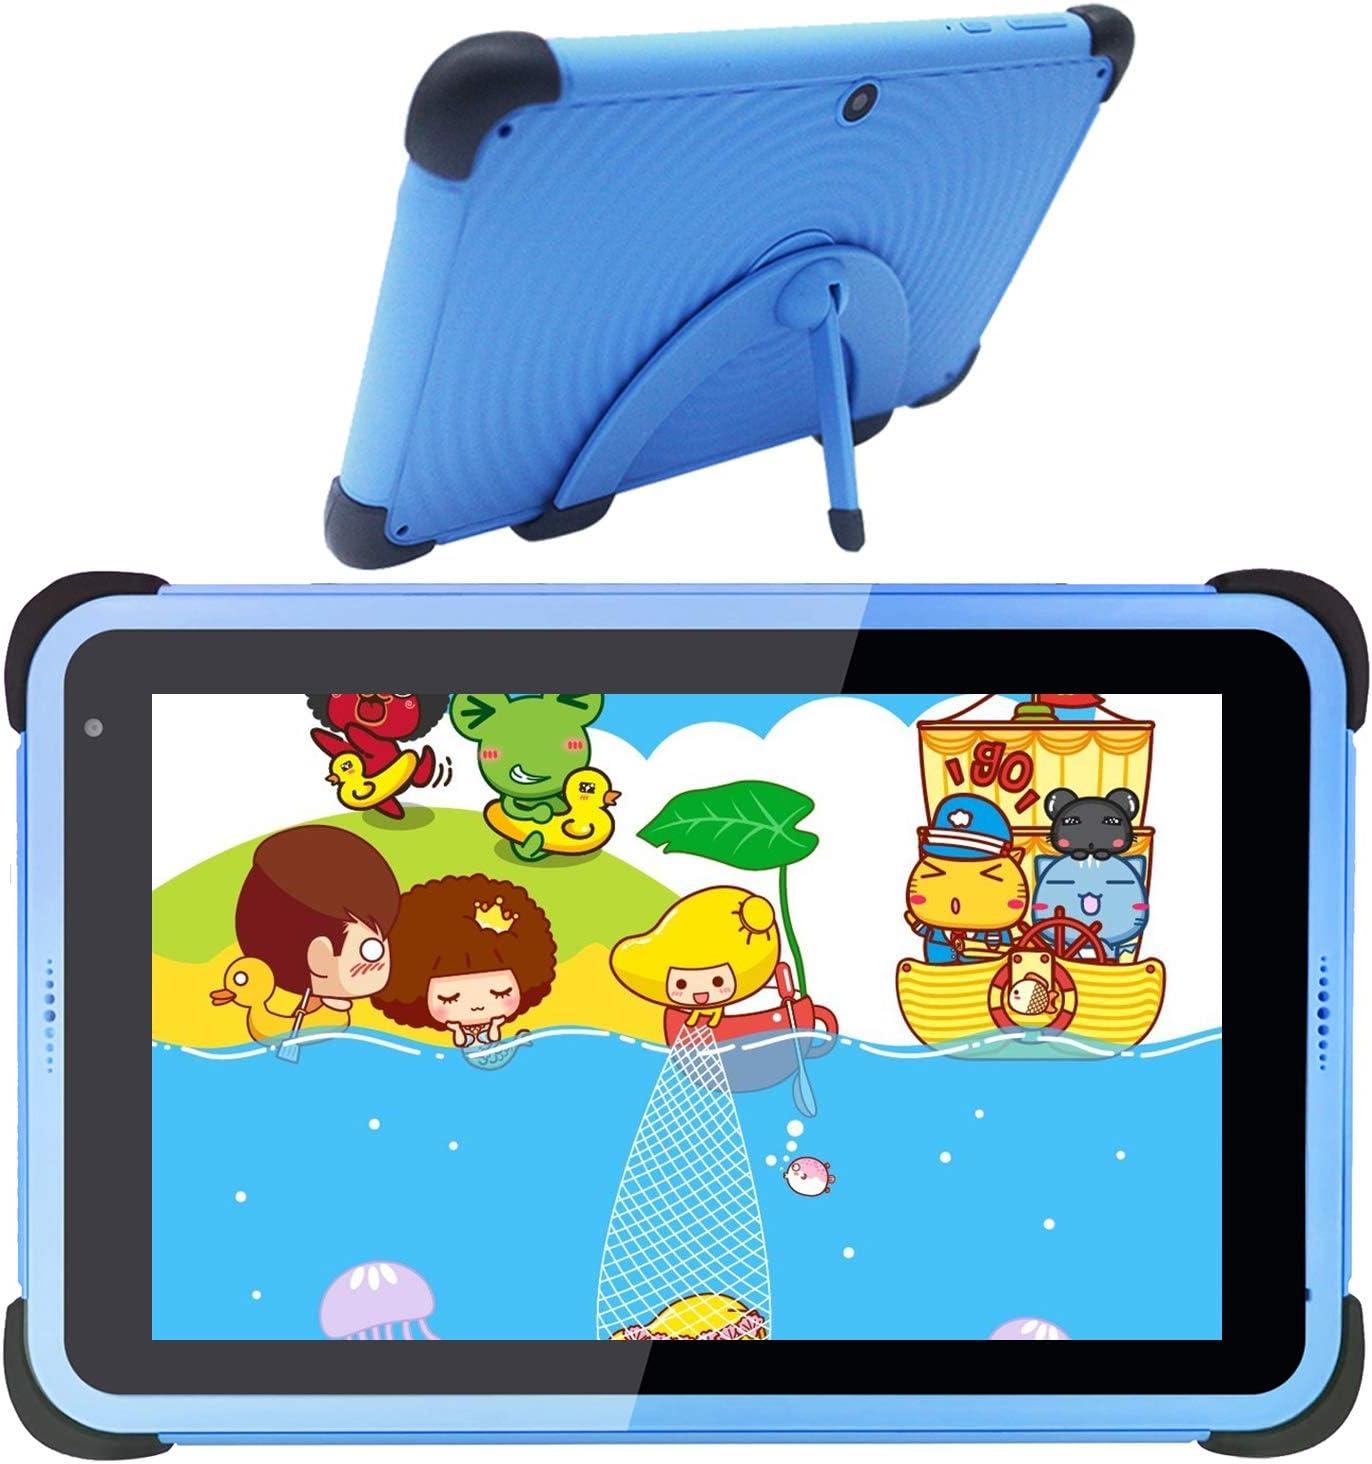 Kids Tablet 7 Pulgadas WiFi Android 10 Tablet PC 2021, 2GB RAM 32GB ROM, Tablet para niños, niños pequeños, Tableta de Aprendizaje, Funda a Prueba de niños con Soporte (Azul)